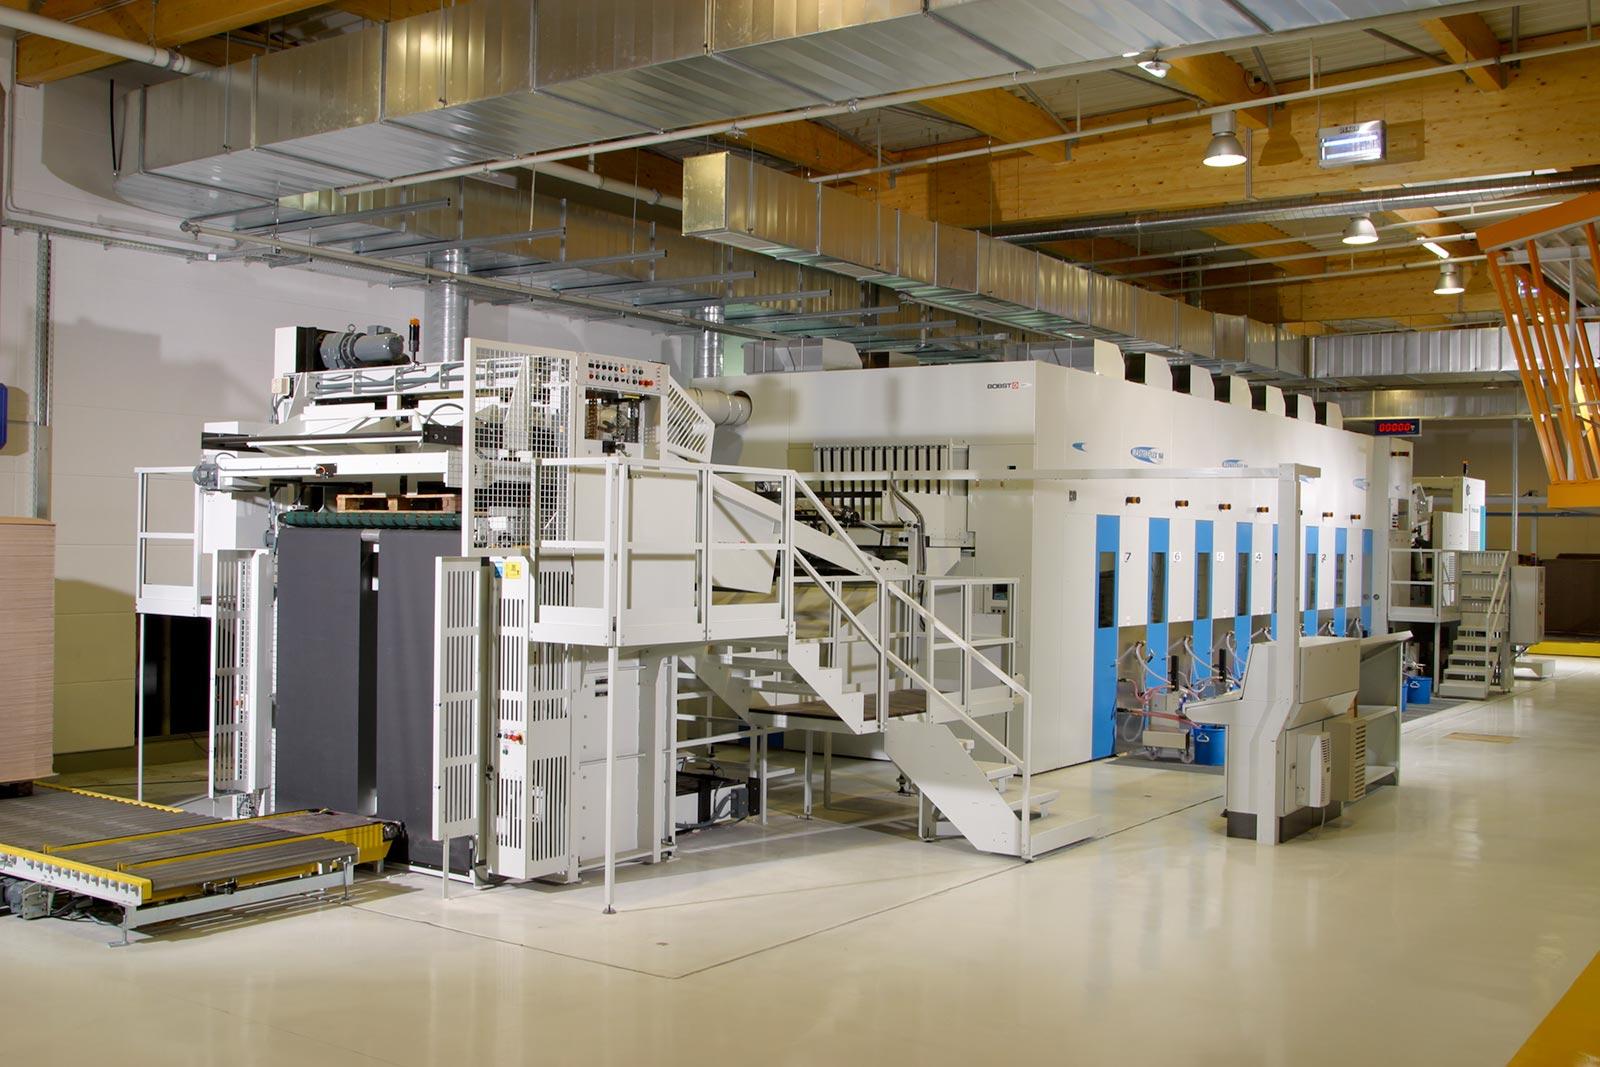 HEUCHEMER VERPACKUNG || Eröffnung Druckzentrum Miehlen - 2004